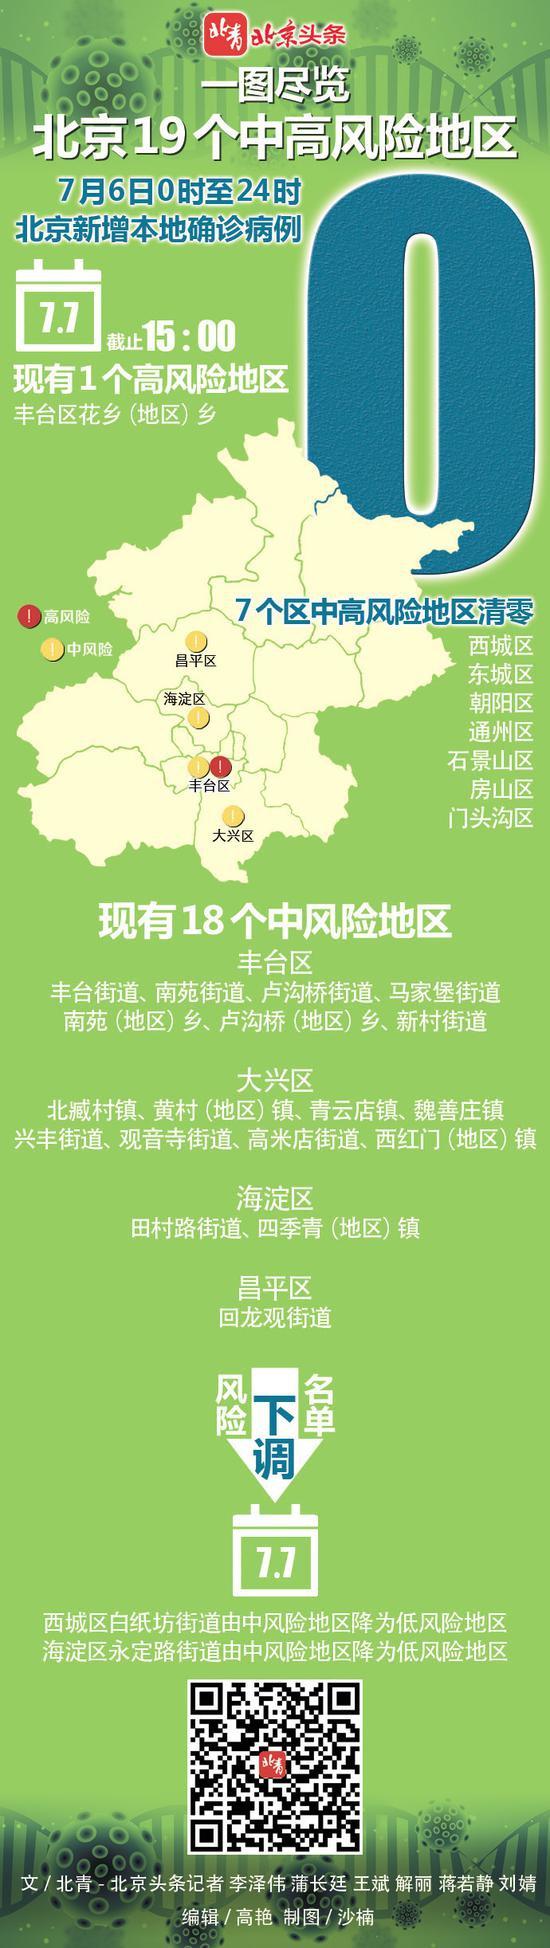 赢咖3主管览北京1赢咖3主管9个图片